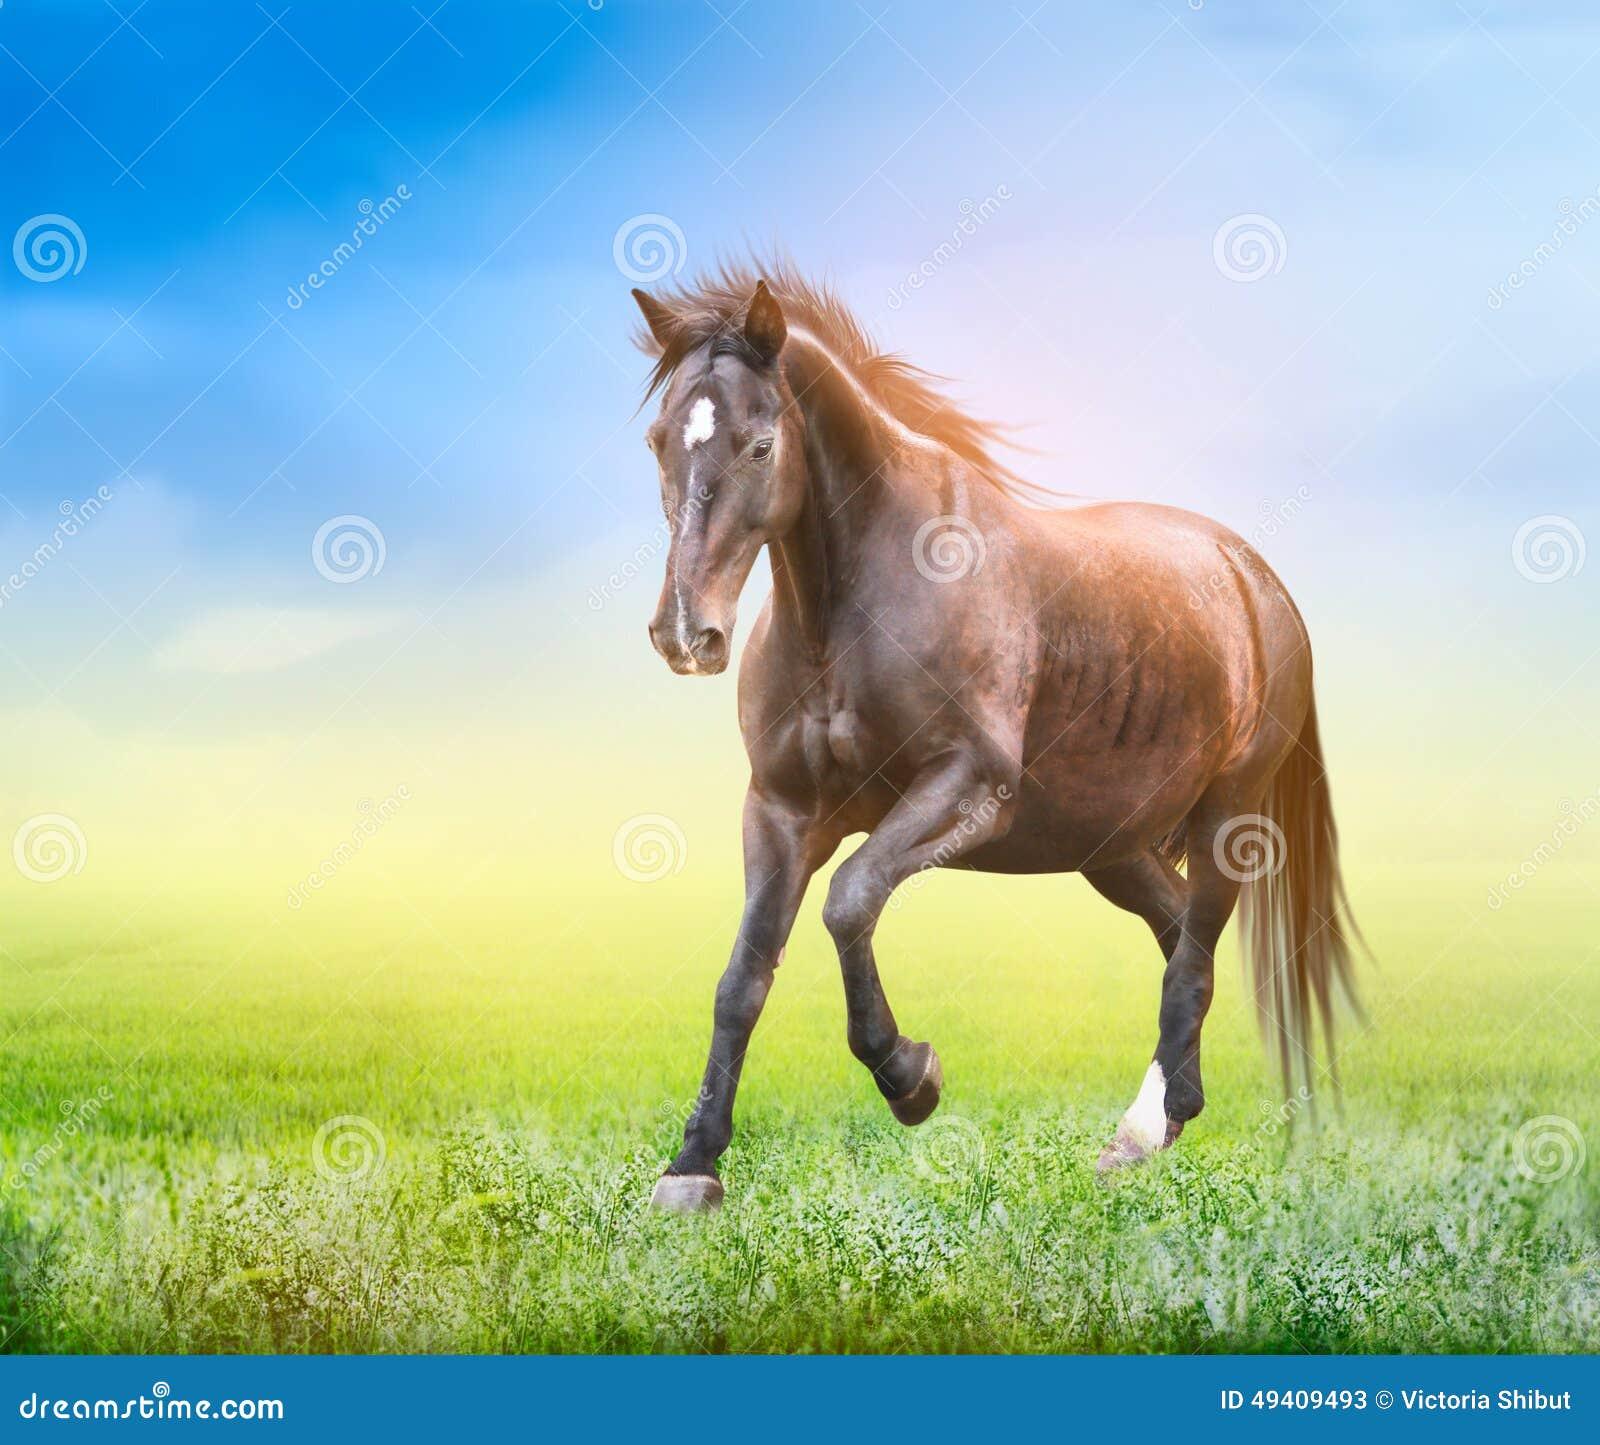 Download Starkes Pferd, Das Auf Dem Grünen Feld Läuft Stockbild - Bild von blut, reiter: 49409493